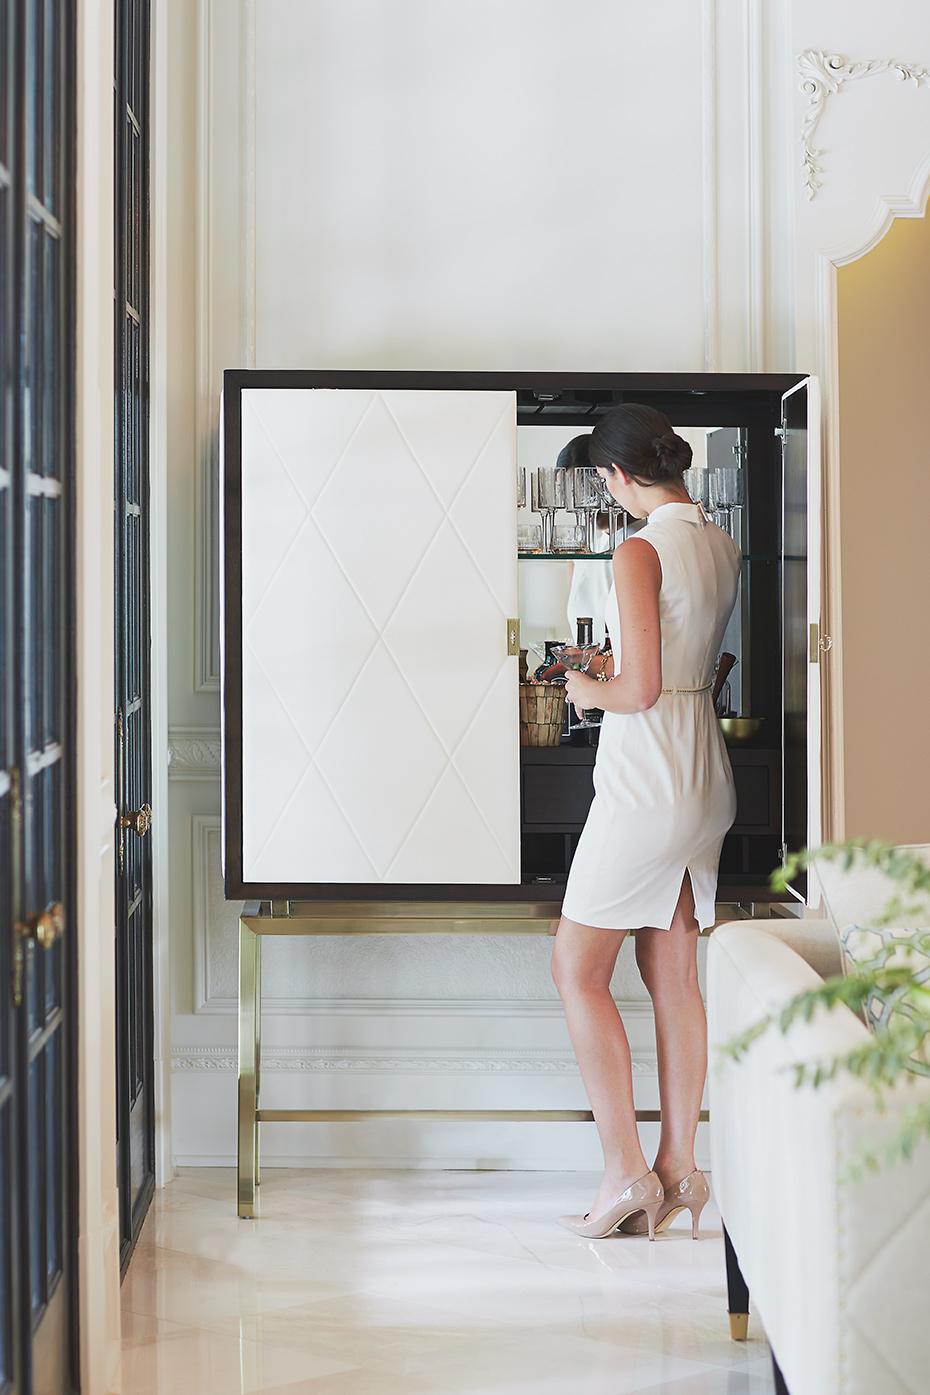 Stacey Van Berkel Photography I Elegant woman opening Bar I Luxury I White on white I Parisian apartment I Bernhardt Furniture